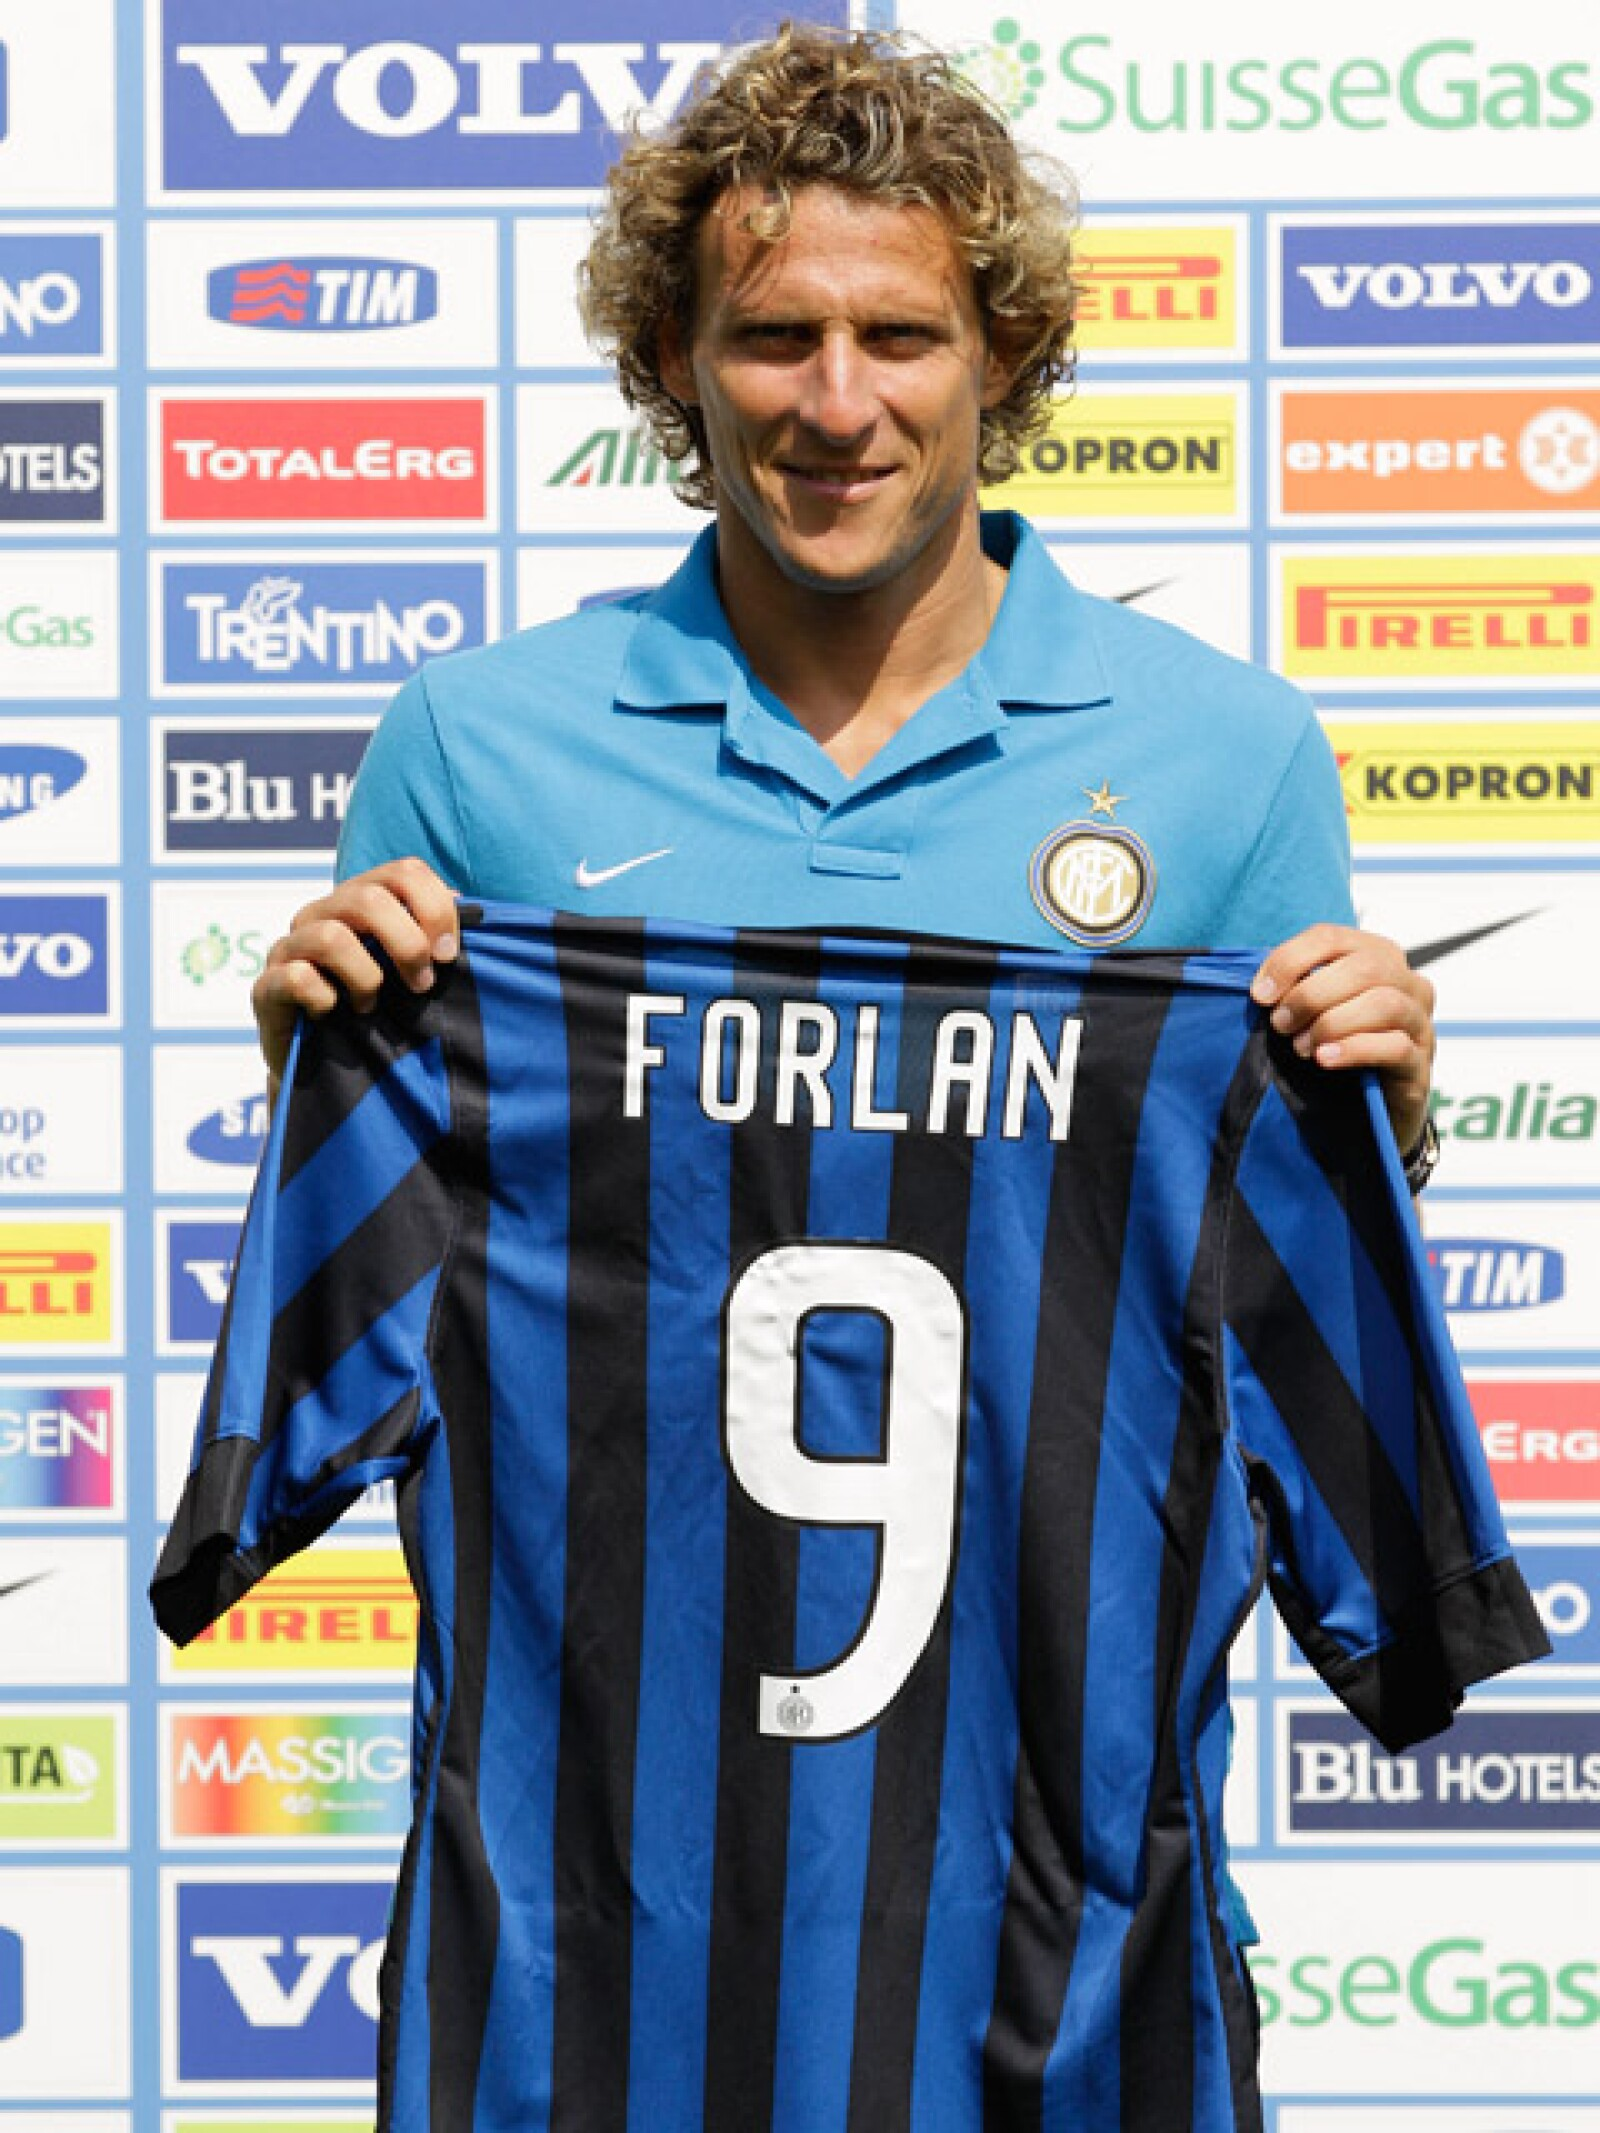 El jugador fue presentado ayer como nuevo integrante del Inter de Milán.